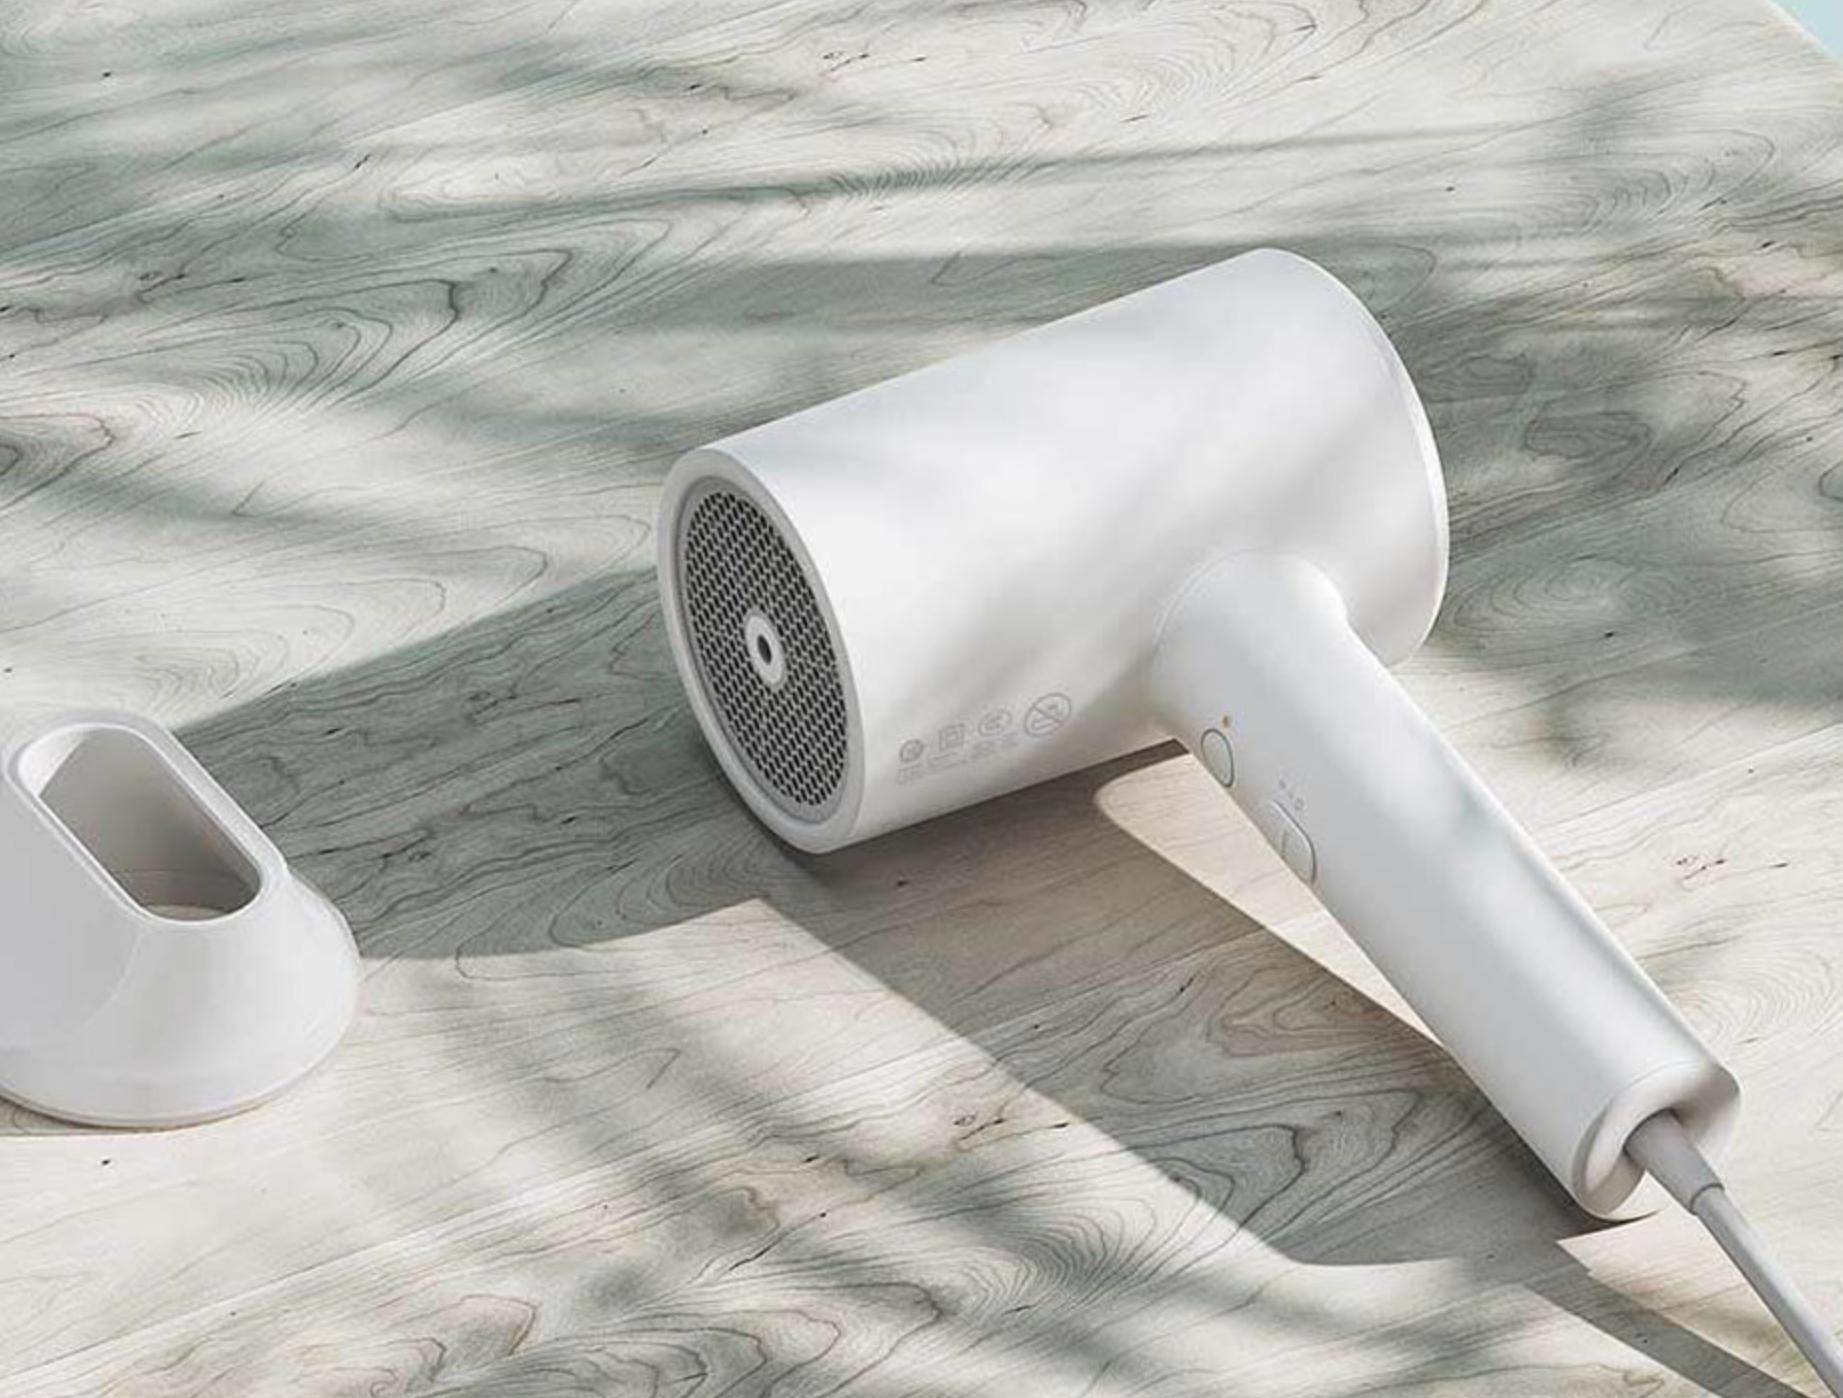 XIAOMI Tragbarer elektrischer Wasser-Ionen-Haartrockner1800W